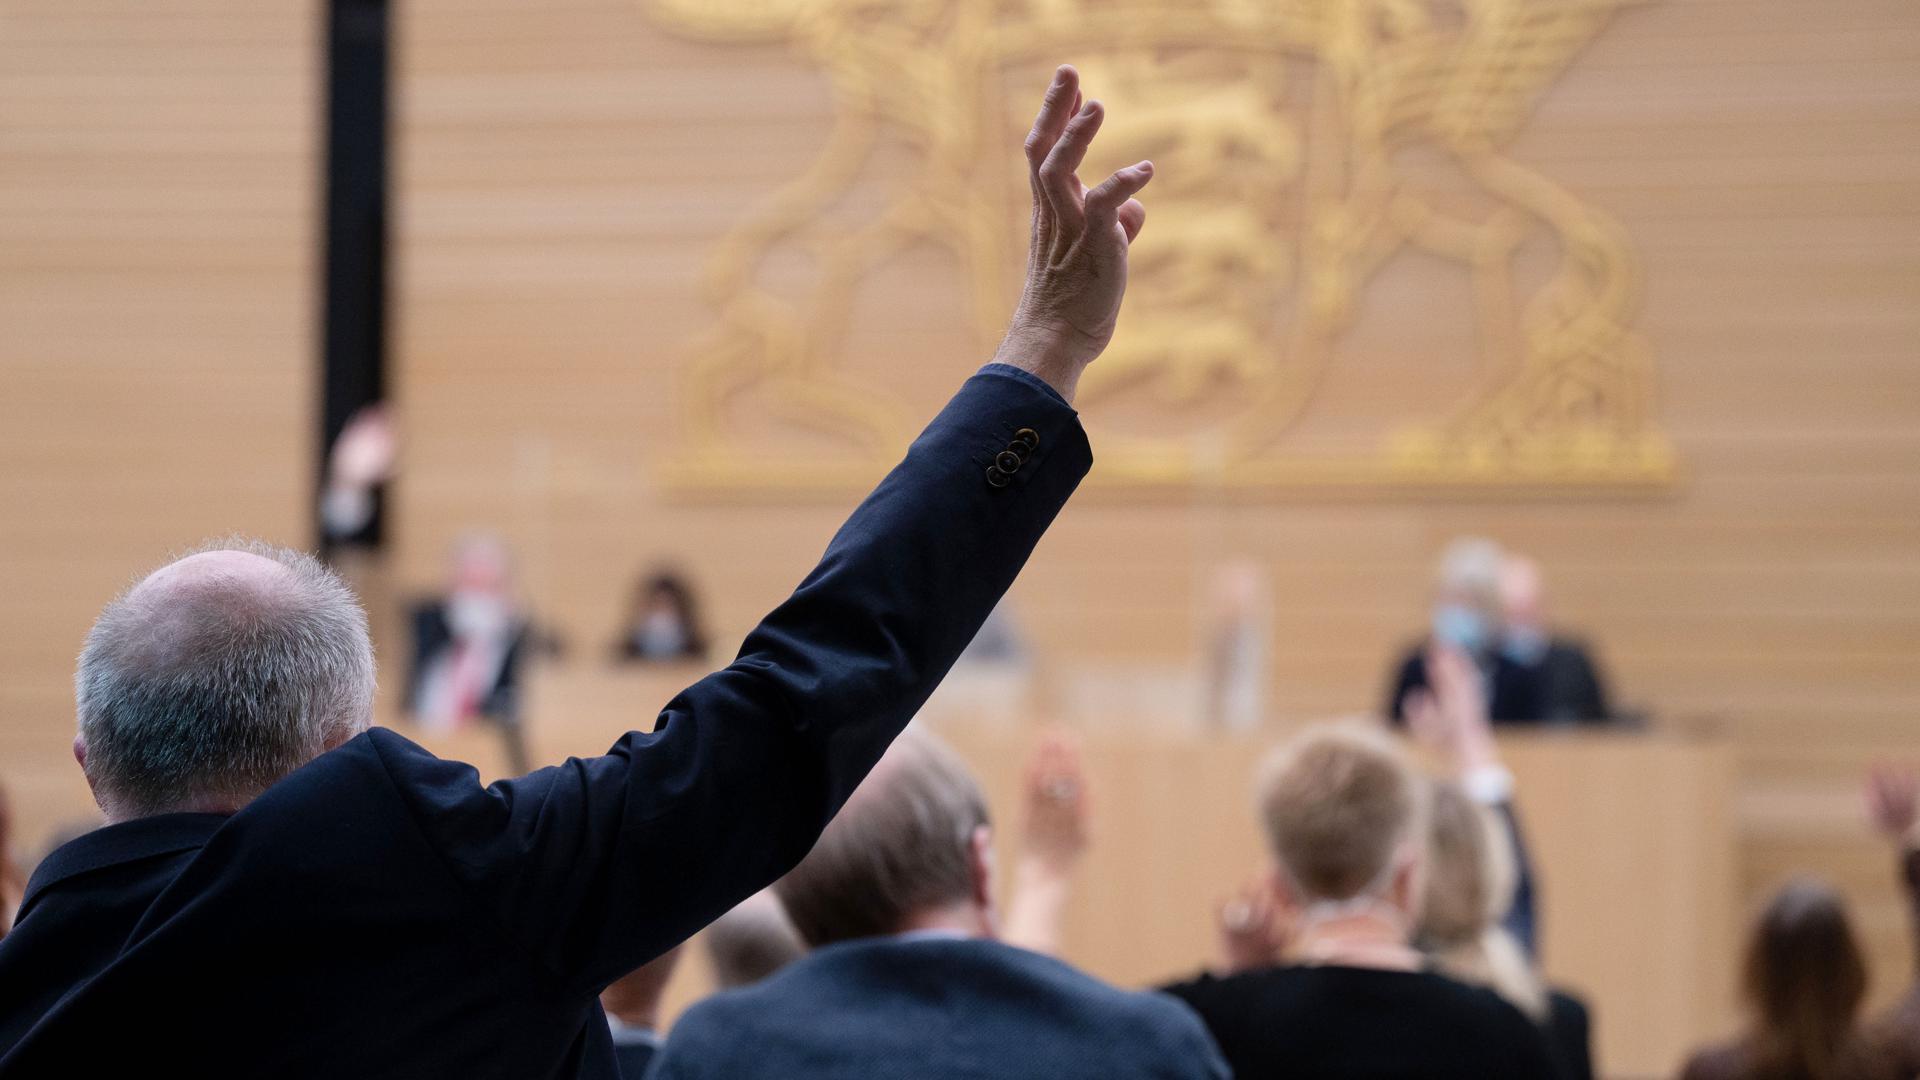 Wo kommen die Stimmen her? Im Anschluss an die Wahl von Bert Matthias Gärtner herrscht Rätselraten in den Fraktionen. Anders als hier gezeigt, war die Abstimmung geheim.